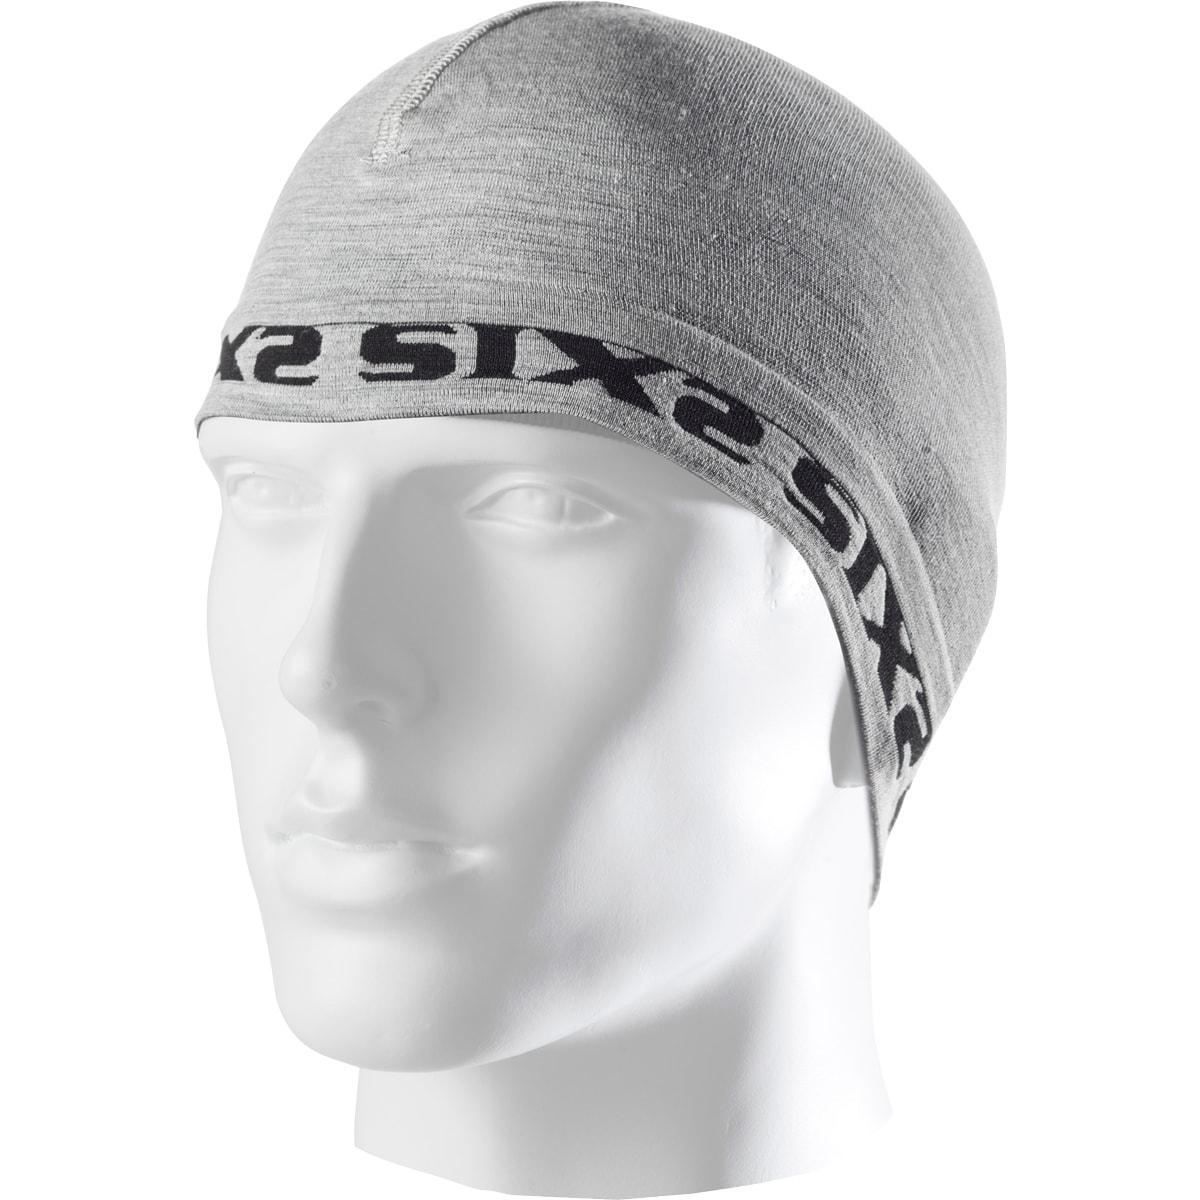 義大利 SIXS <br>SCX MERINOS<br>機能碳 羊毛運動小帽 <br>羊毛灰